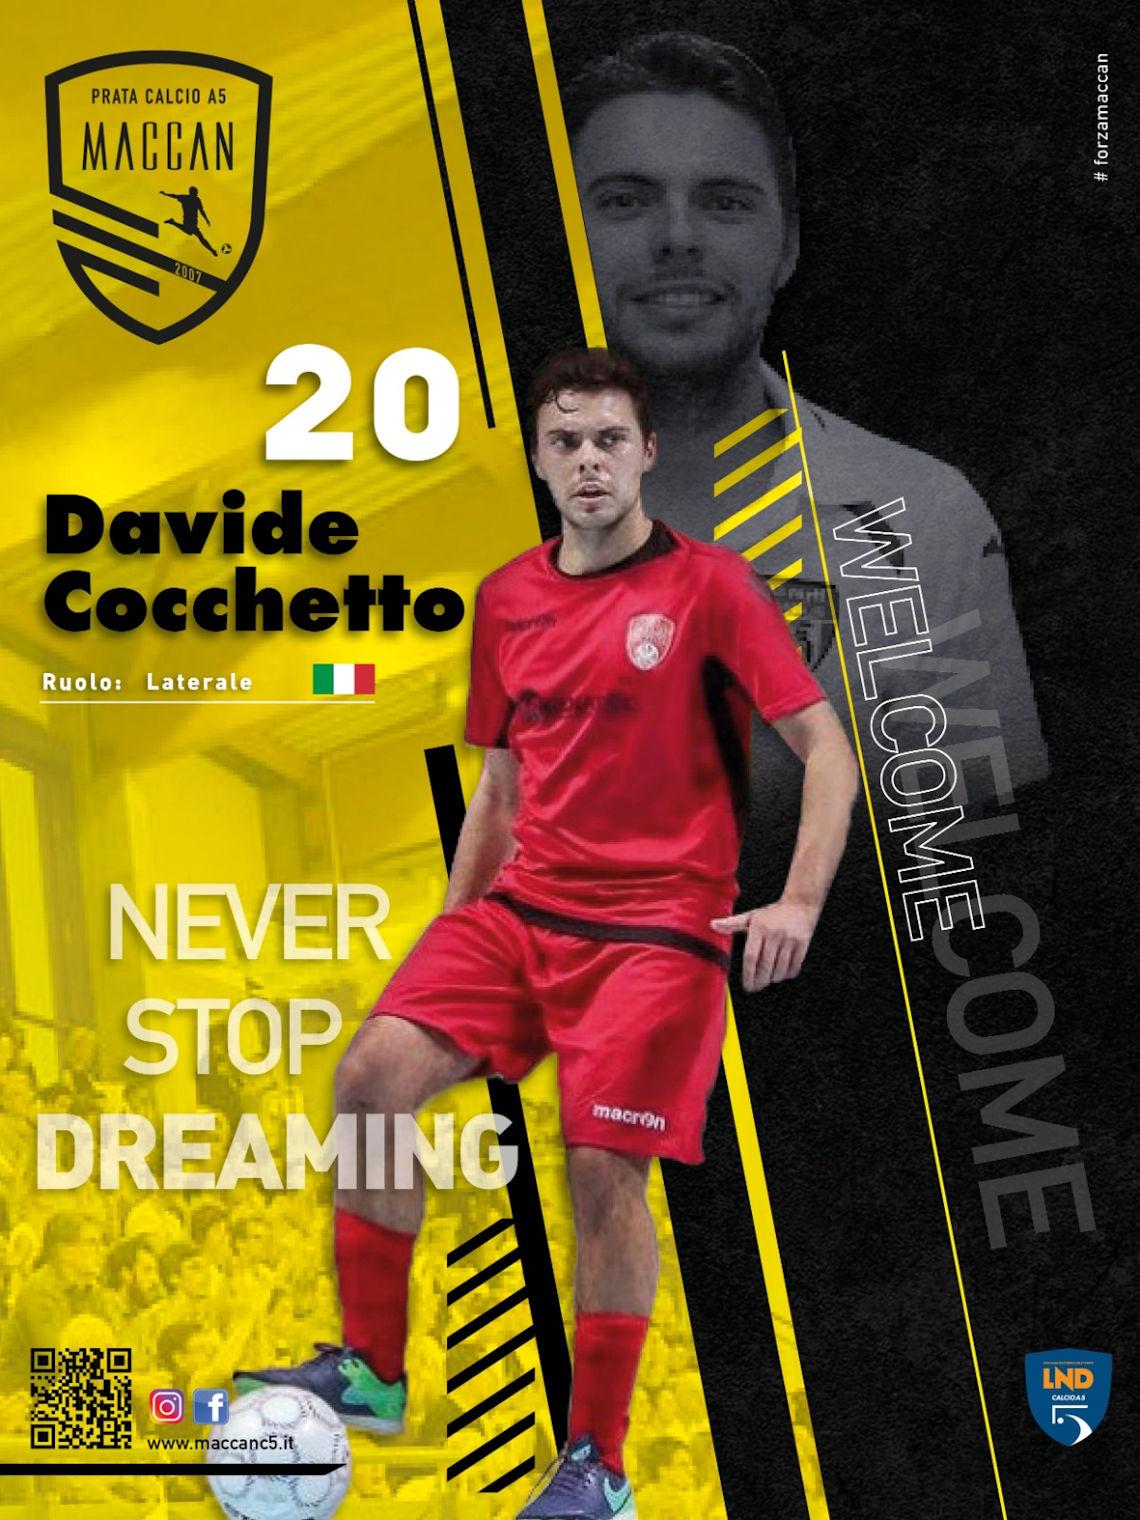 Davide Cocchetto